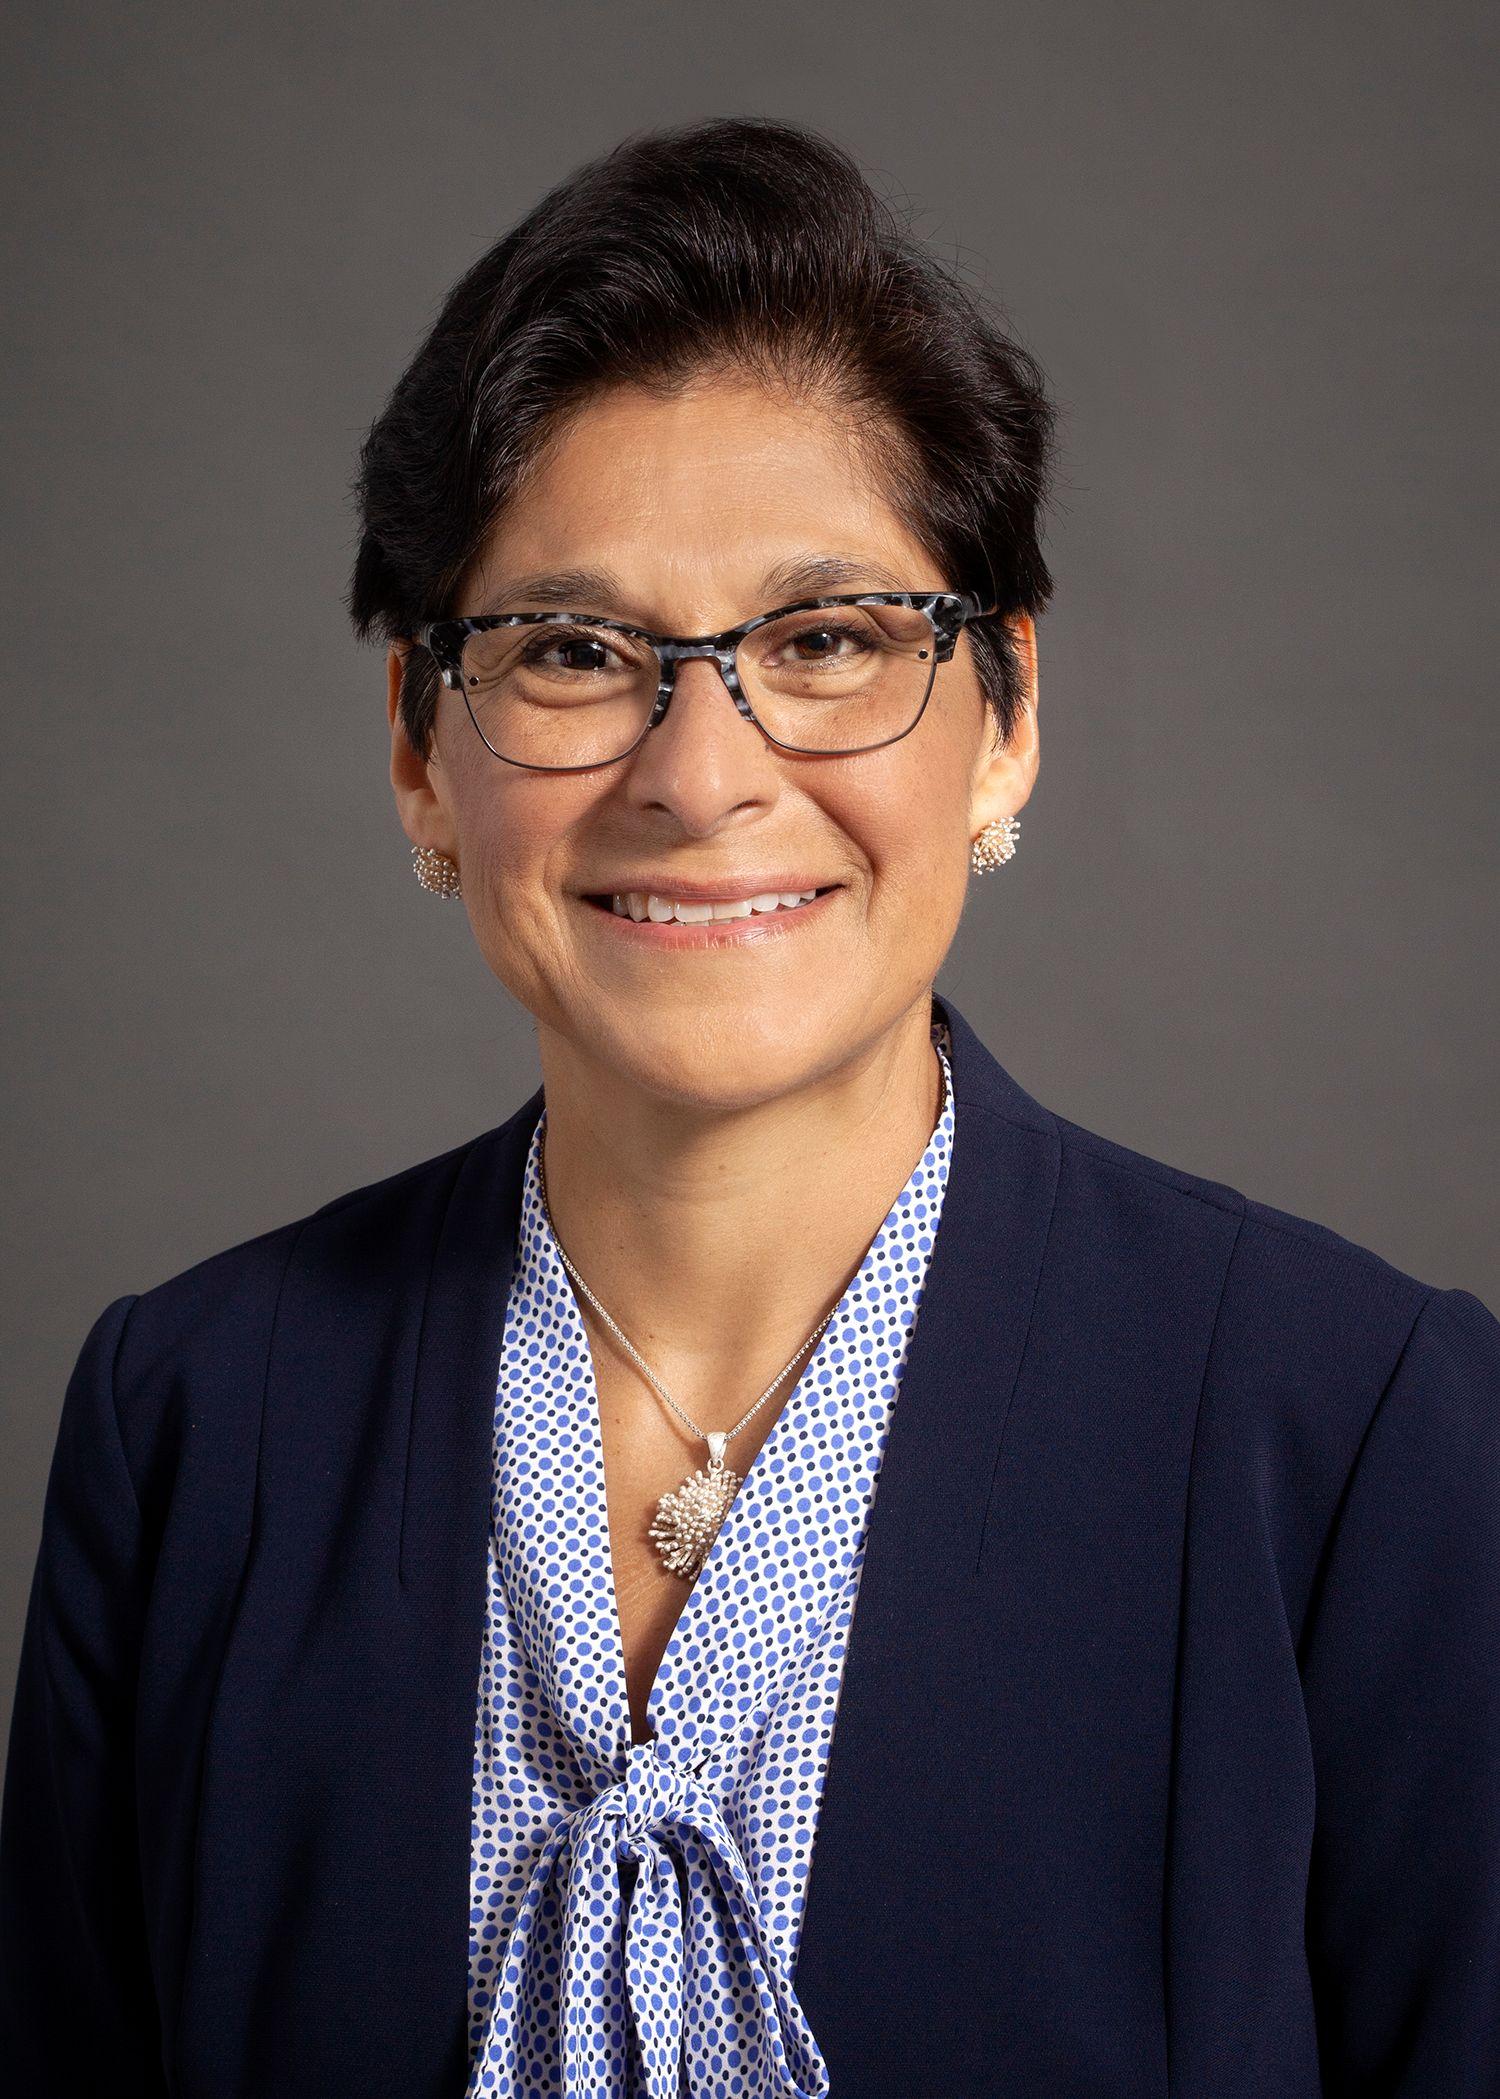 Maria Isquierdo